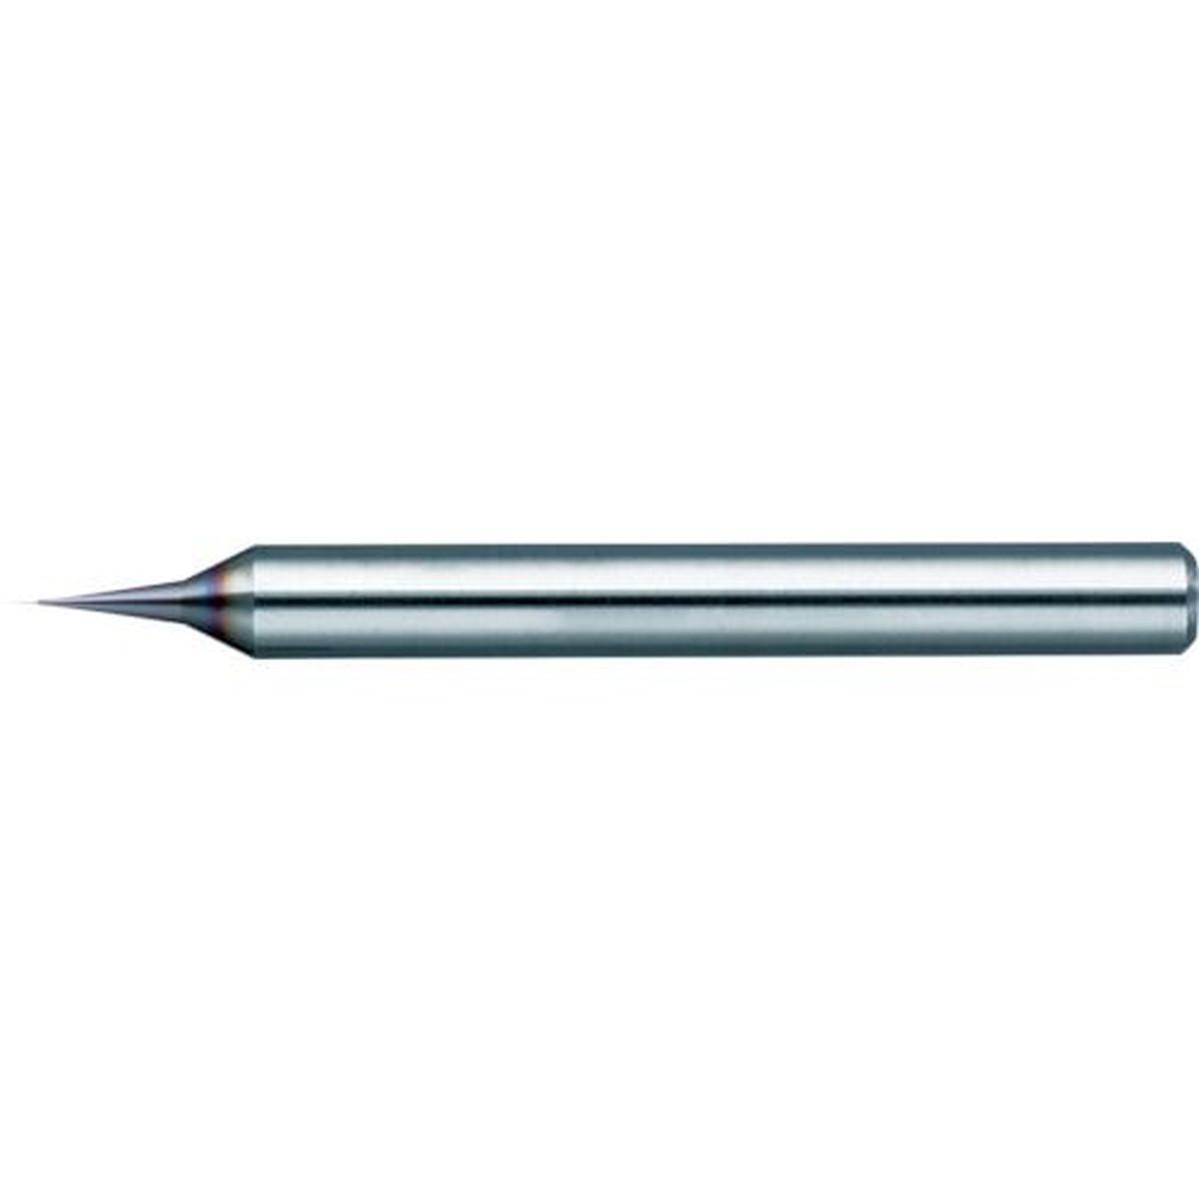 あす楽対応 最安値 DIY用品 NS 無限マイクロCOAT 0.065X0.7 1本 マイクロドリル 商舗 NSMD-M